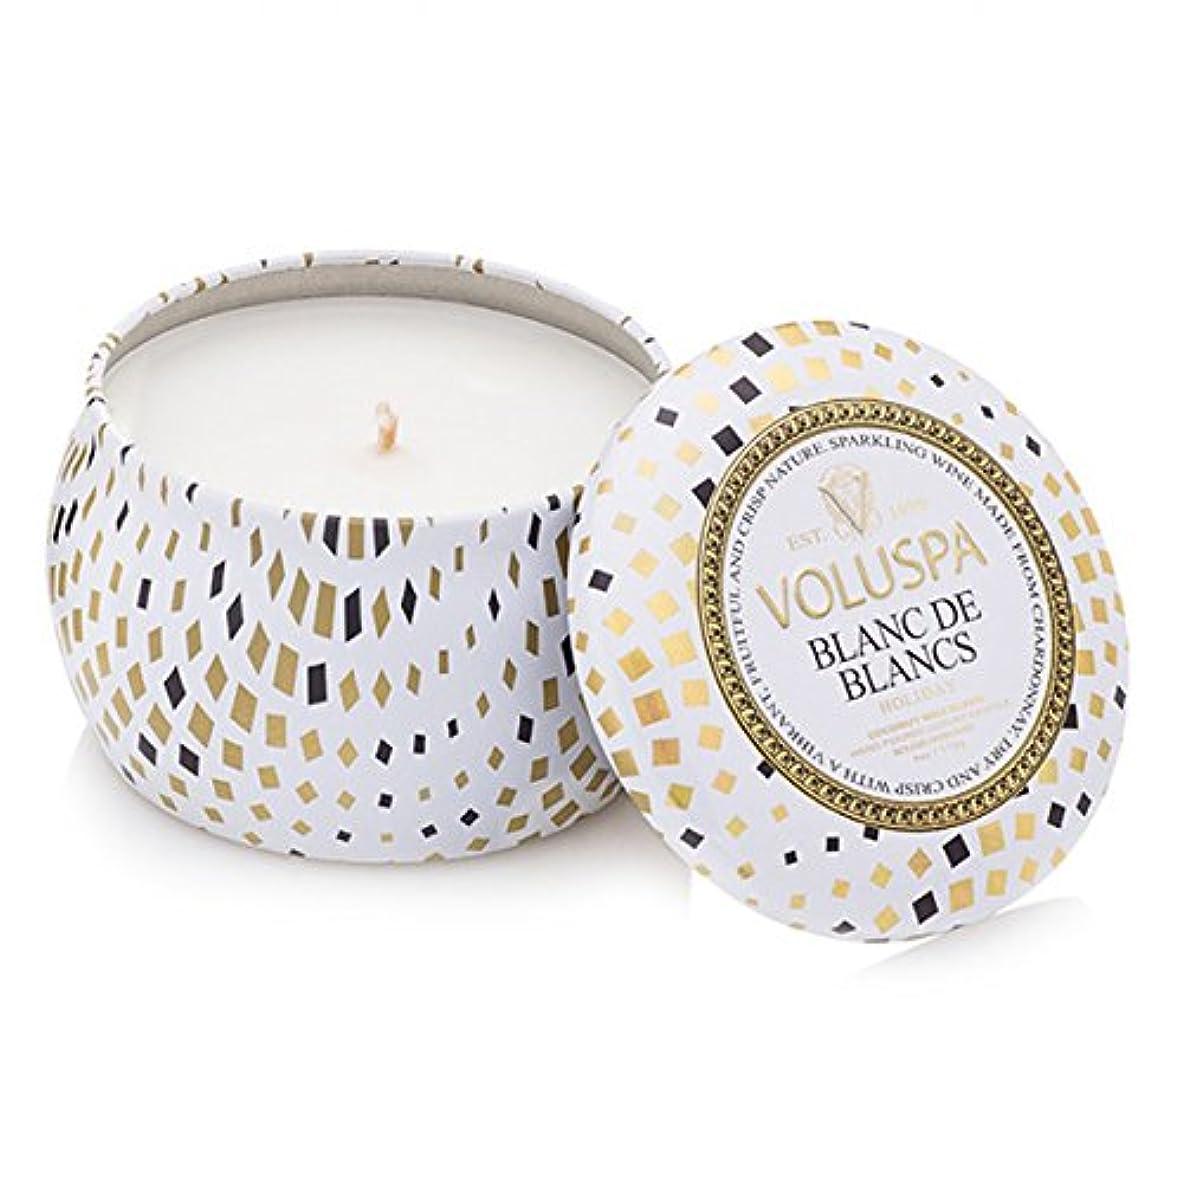 有能なインフラ脅威Voluspa ボルスパ メゾンホリデー ティンキャンドル  S ブラン ド ブラン BLANC DE BLANCS MASION HOLIDAY PETITE Tin Glass Candle